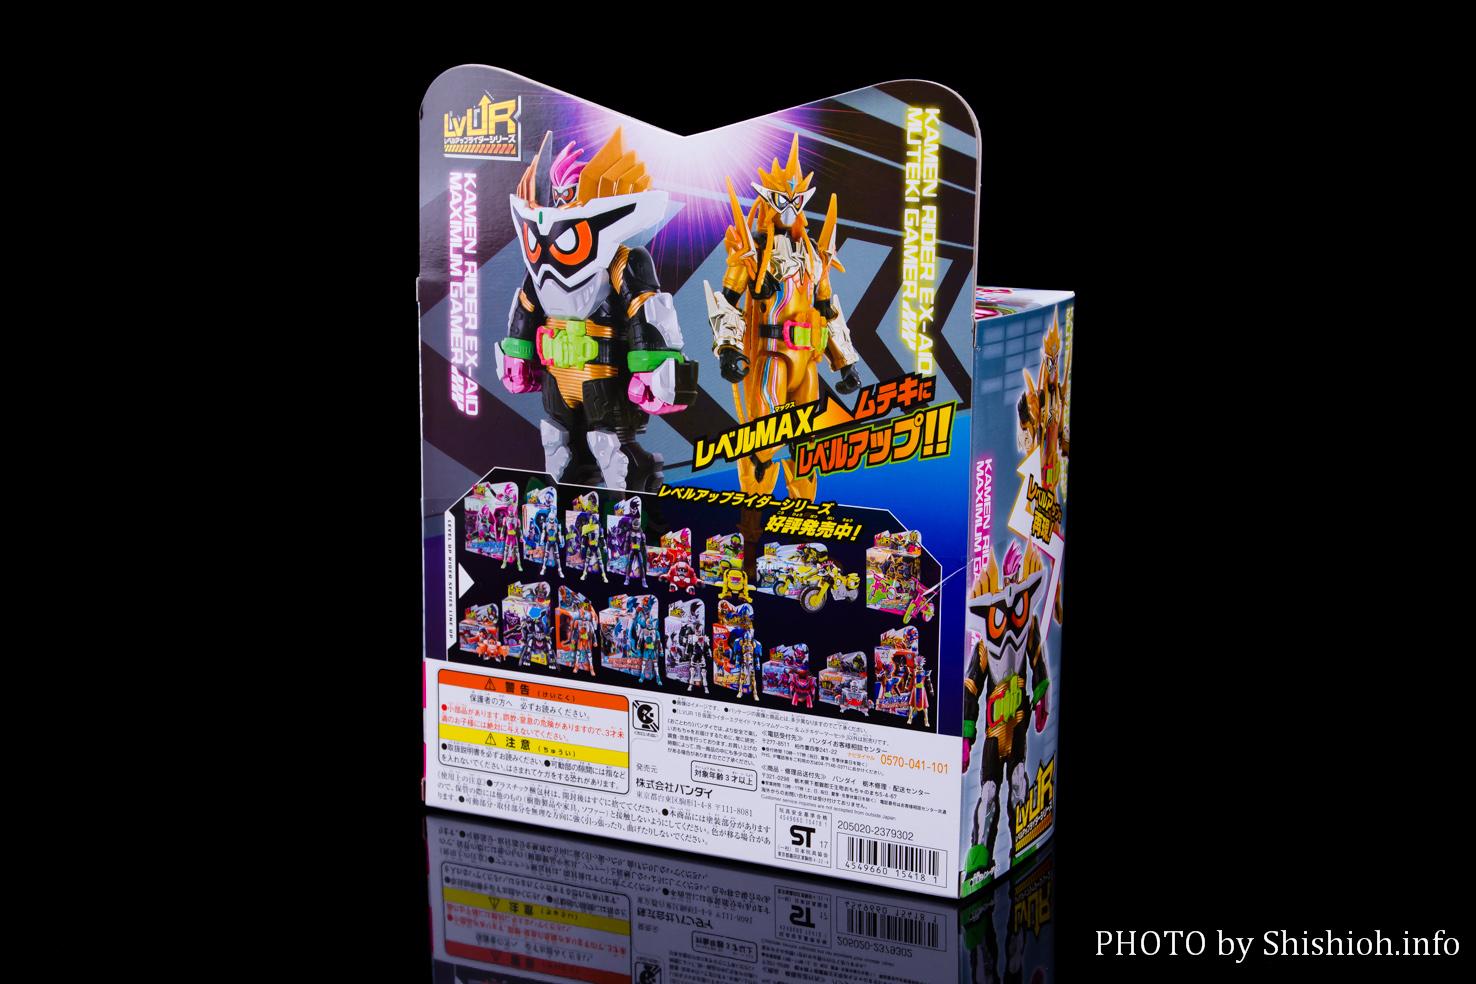 LVUR18 仮面ライダーエグゼイド マキシマムゲーマー&ムテキゲーマーセット